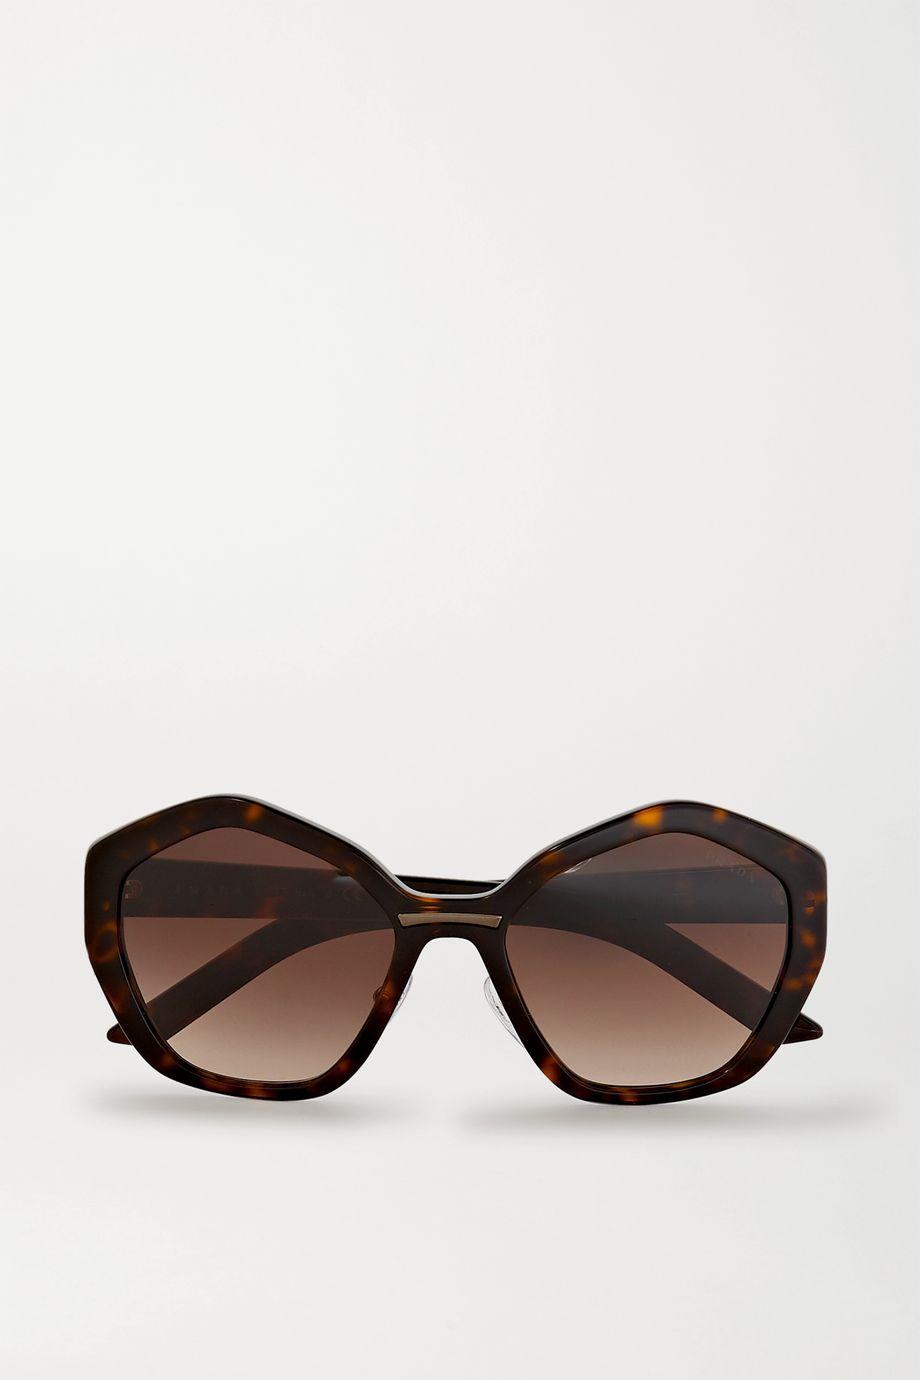 Prada Eyewear Sonnenbrille mit sechseckigem Rahmen aus Azetat in Hornoptik